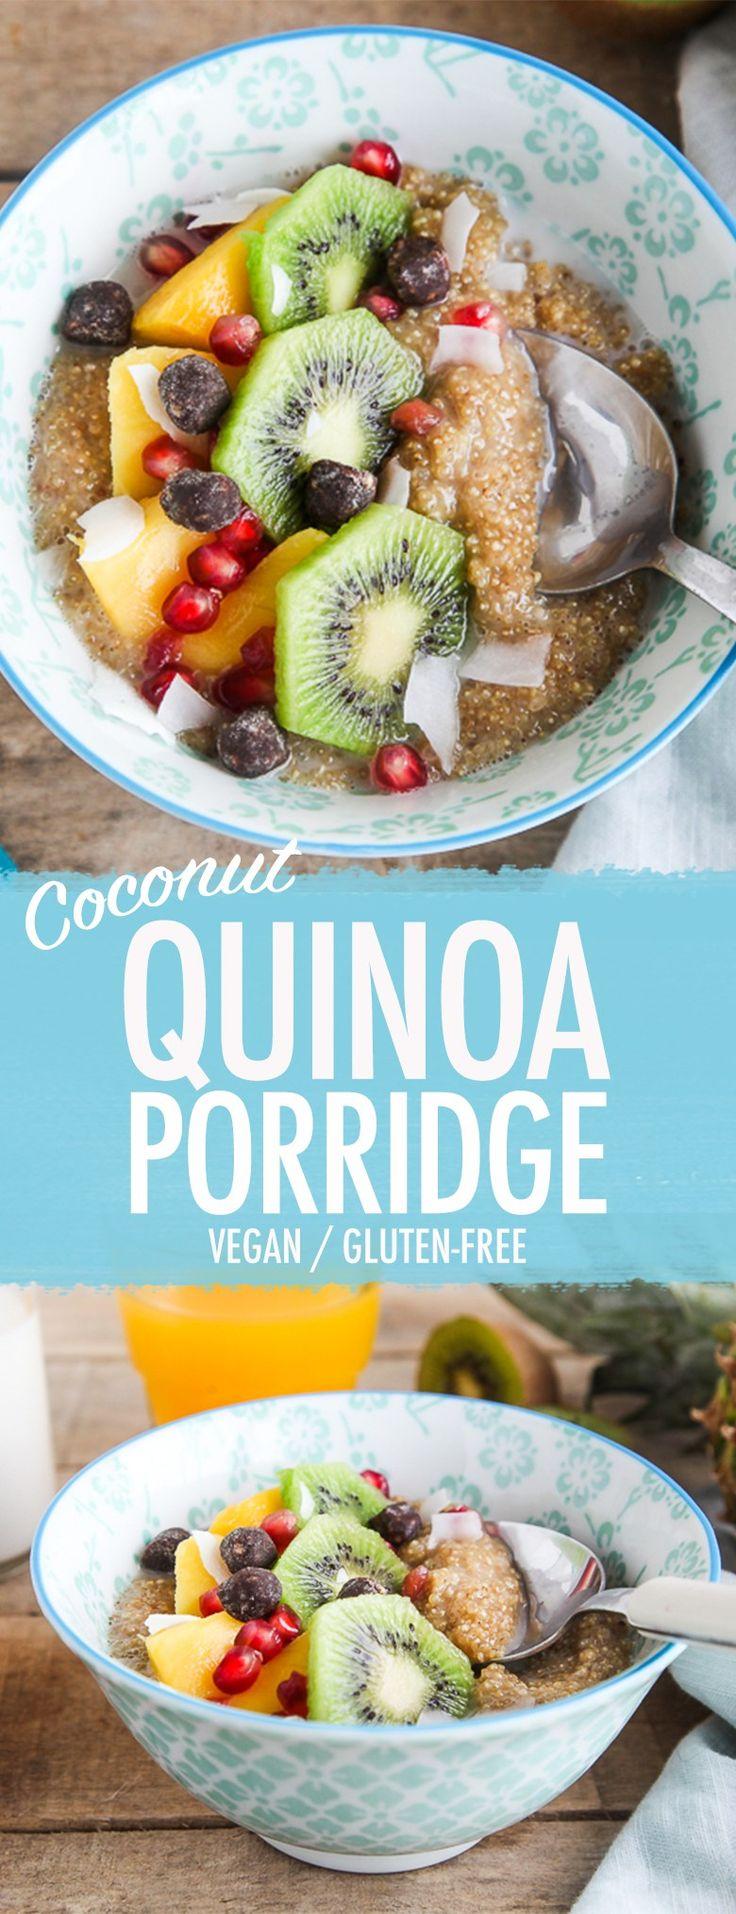 Coconut Quinoa Porridge